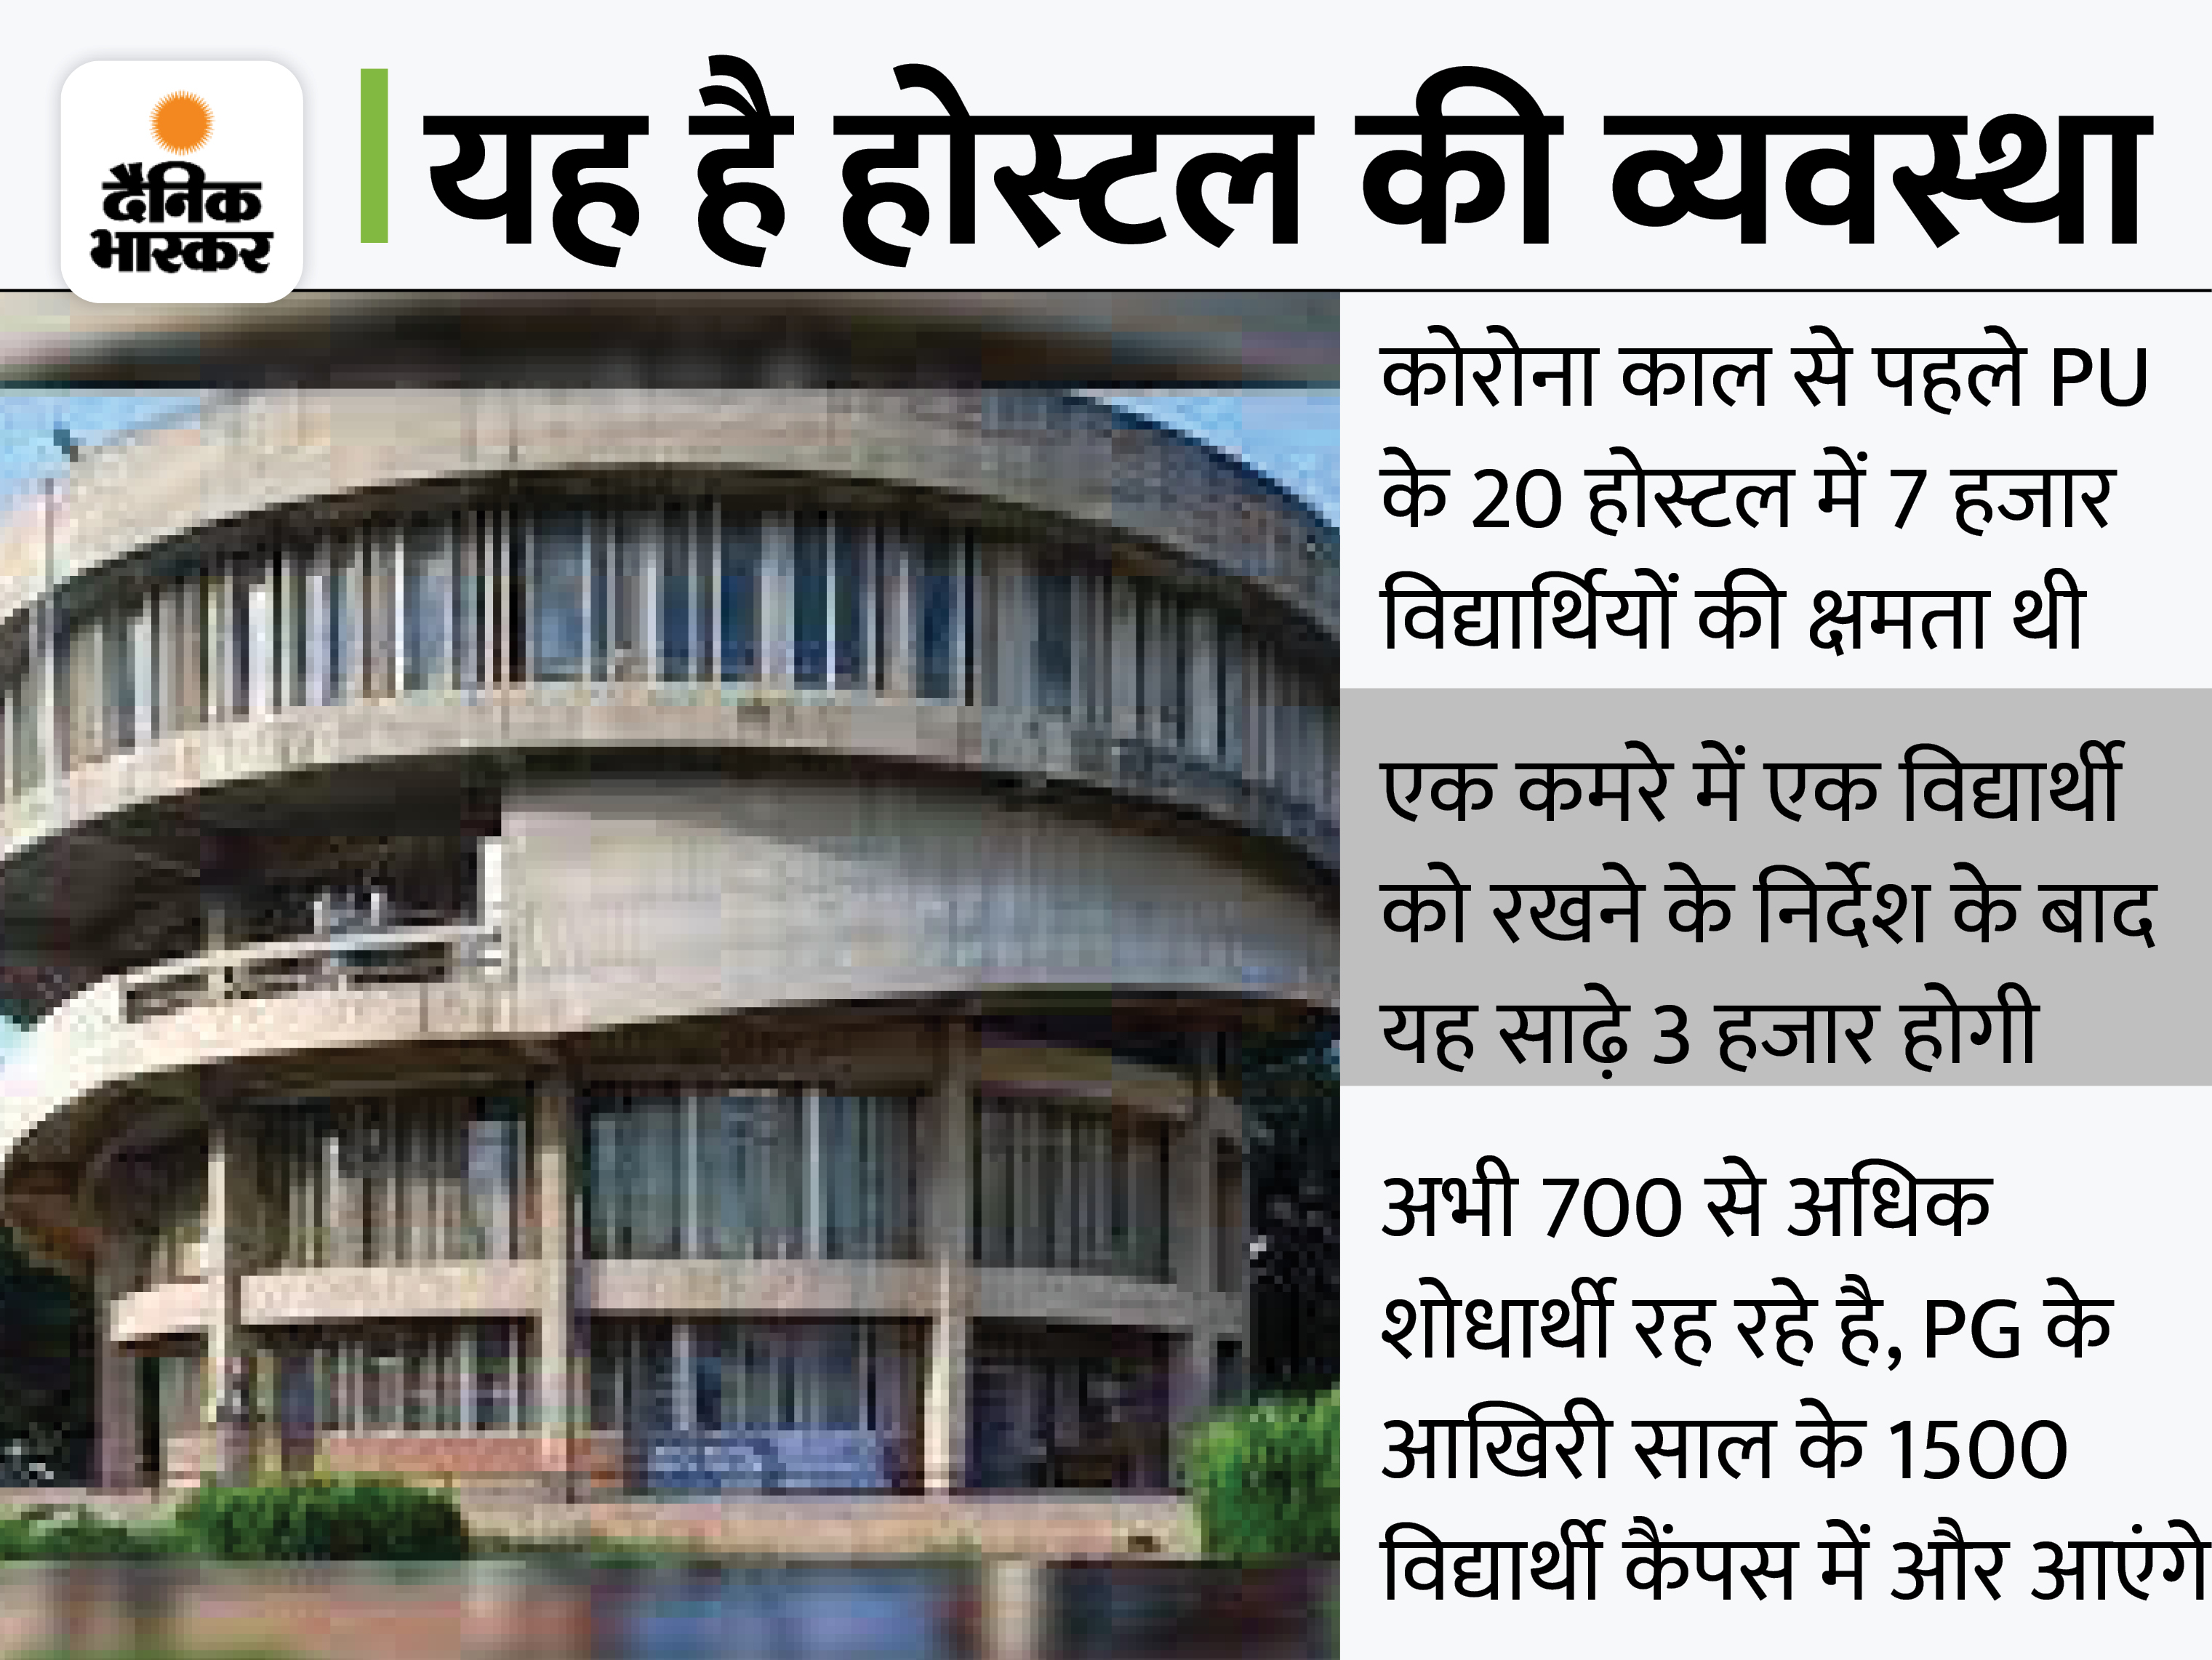 हॉस्टल के एक कमरे में एक ही स्टूडेंट रहेगा, मेस में बैठकर खा सकेंगे खाना; विभागीय कैंटीन खोलने पर अभी नहीं हुआ विचार|चंडीगढ़,Chandigarh - Dainik Bhaskar